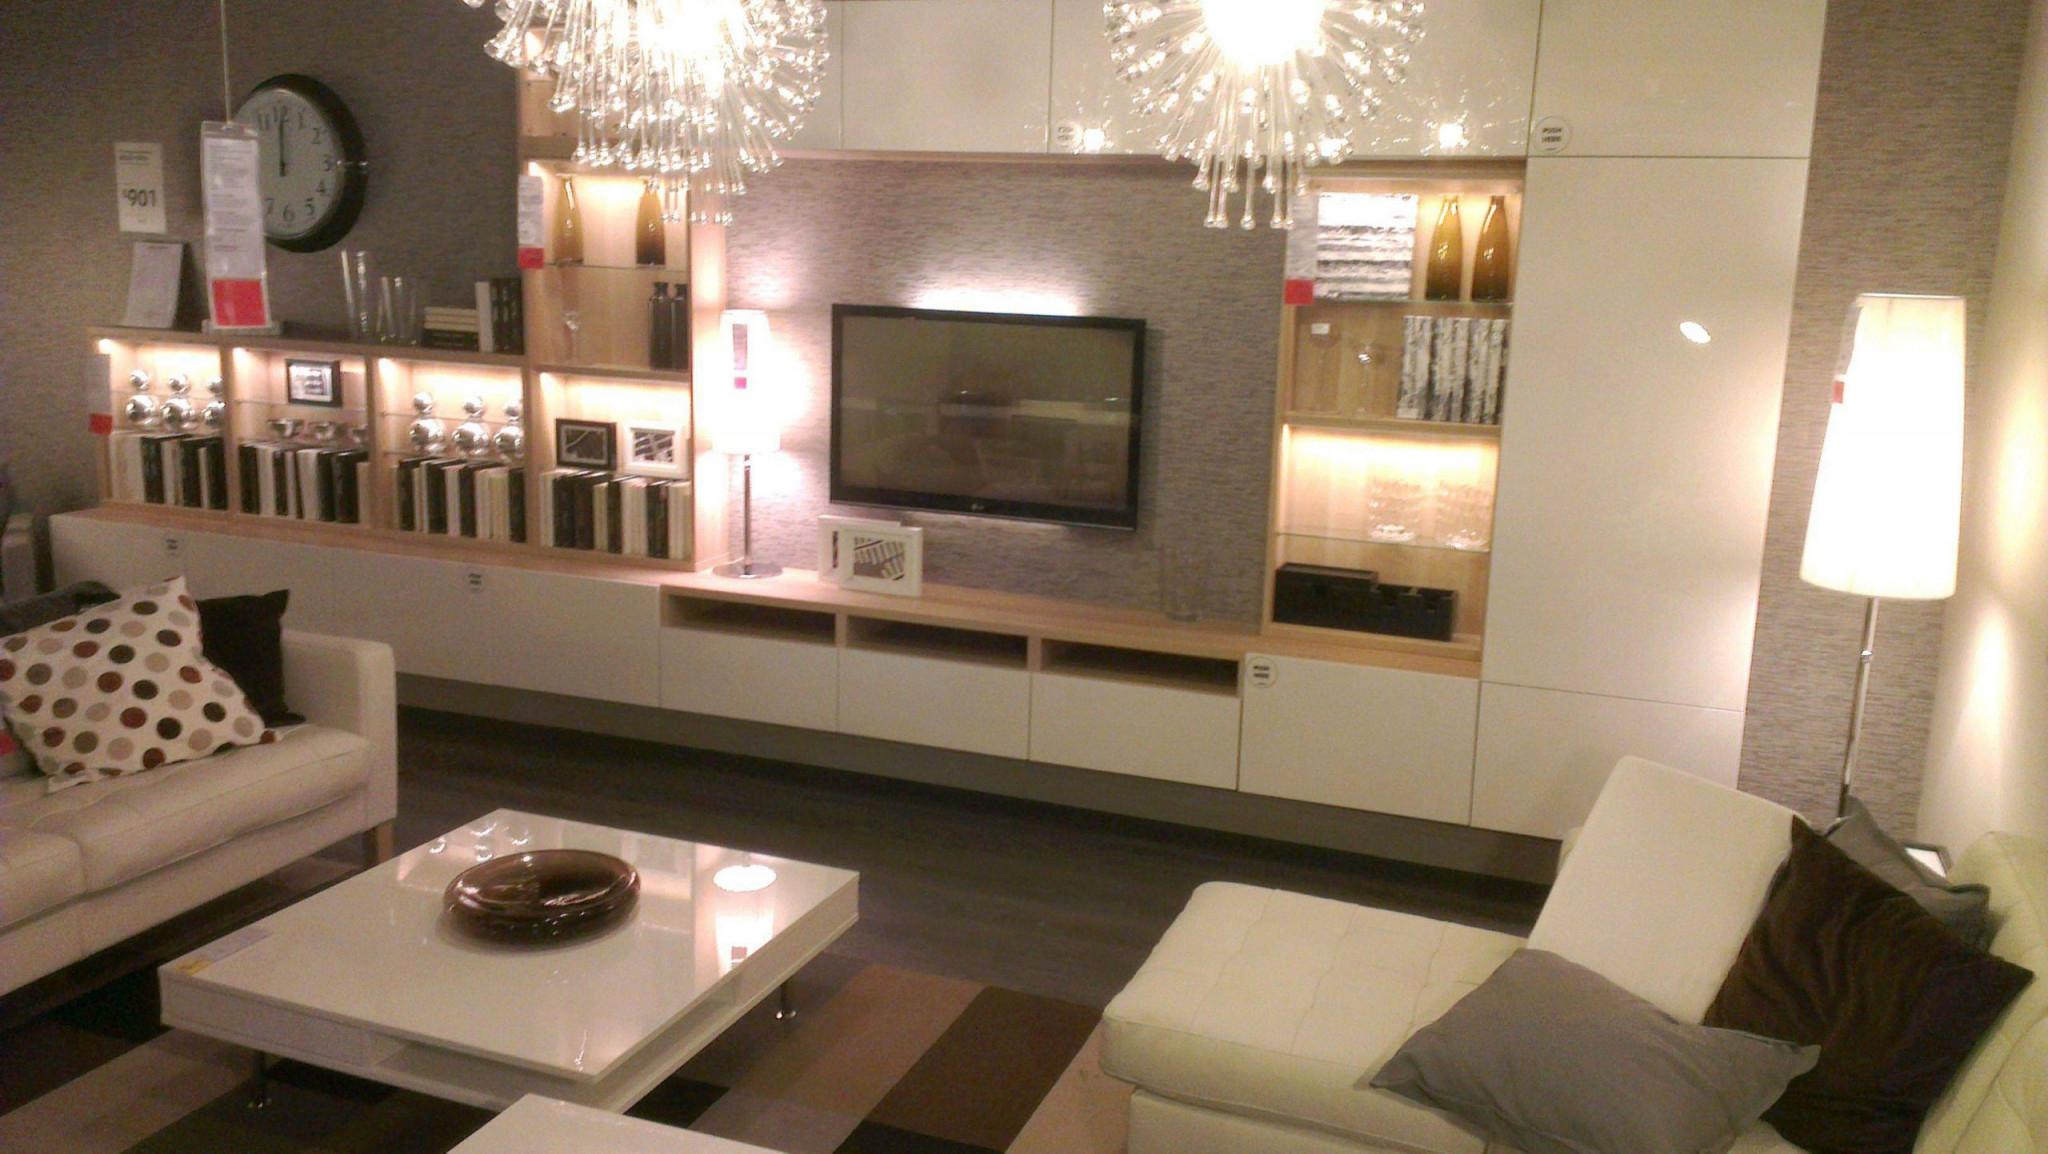 30 Elegant Ikea Besta Wohnzimmer Ideen Elegant  Wohnzimmer von Wohnzimmer Wohnwand Ideen Photo